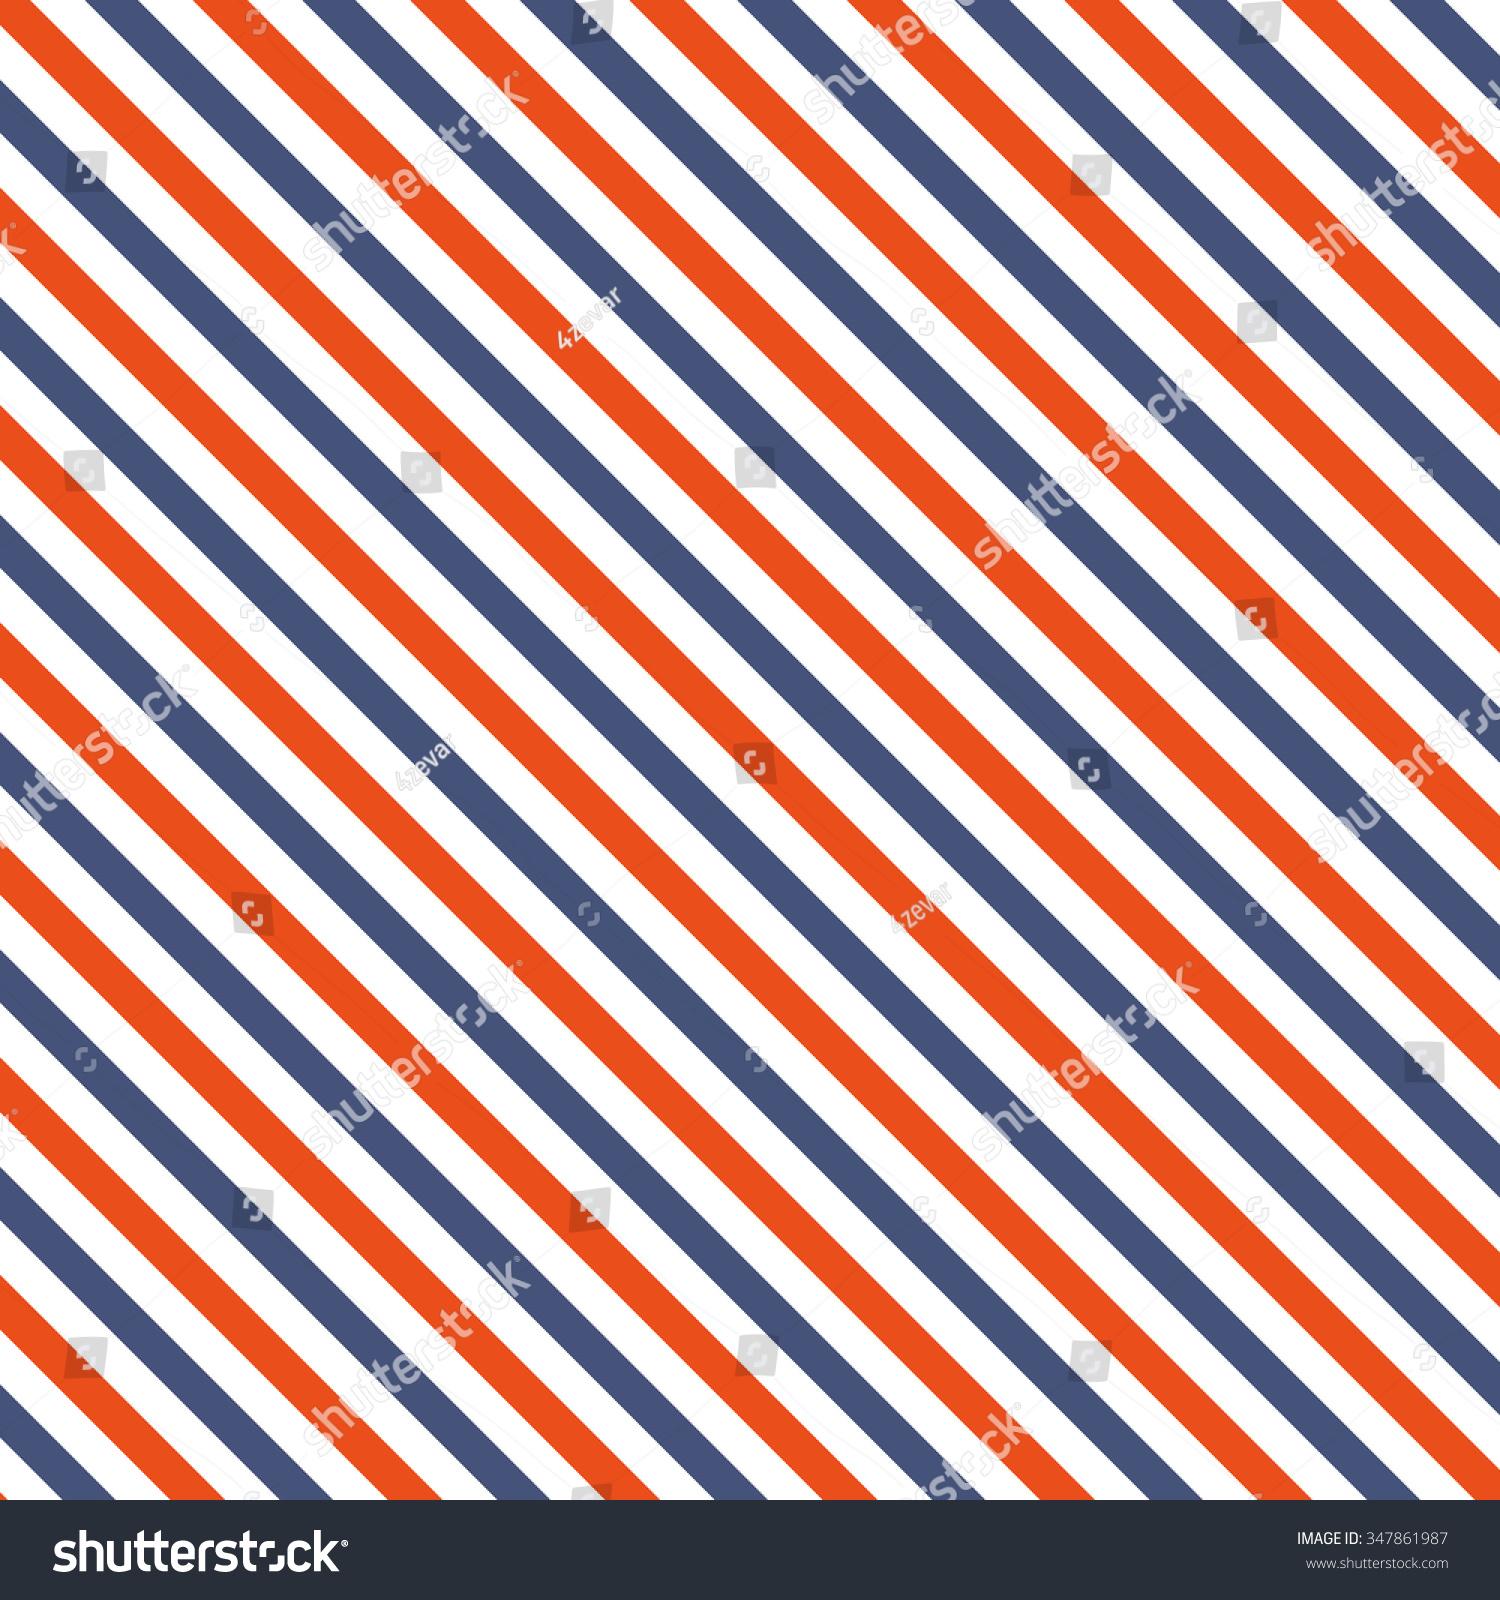 Barber Background : Barber Pole Background Stock Vector Illustration 347861987 ...